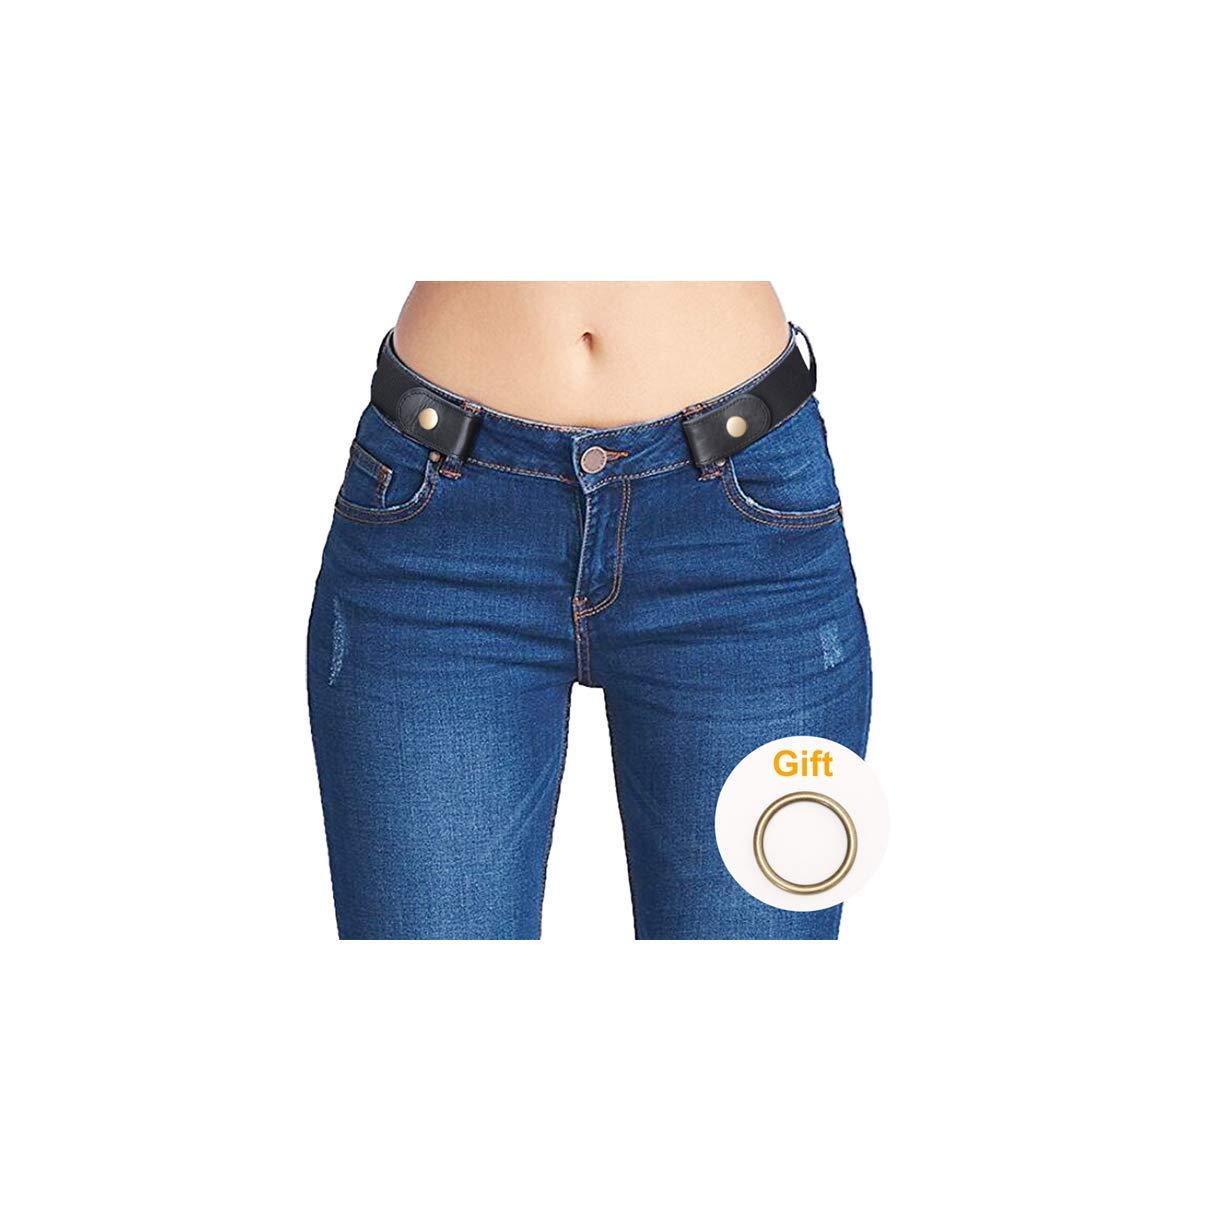 Amazon.com: Cinturones elásticos sin hebilla para hombres y ...